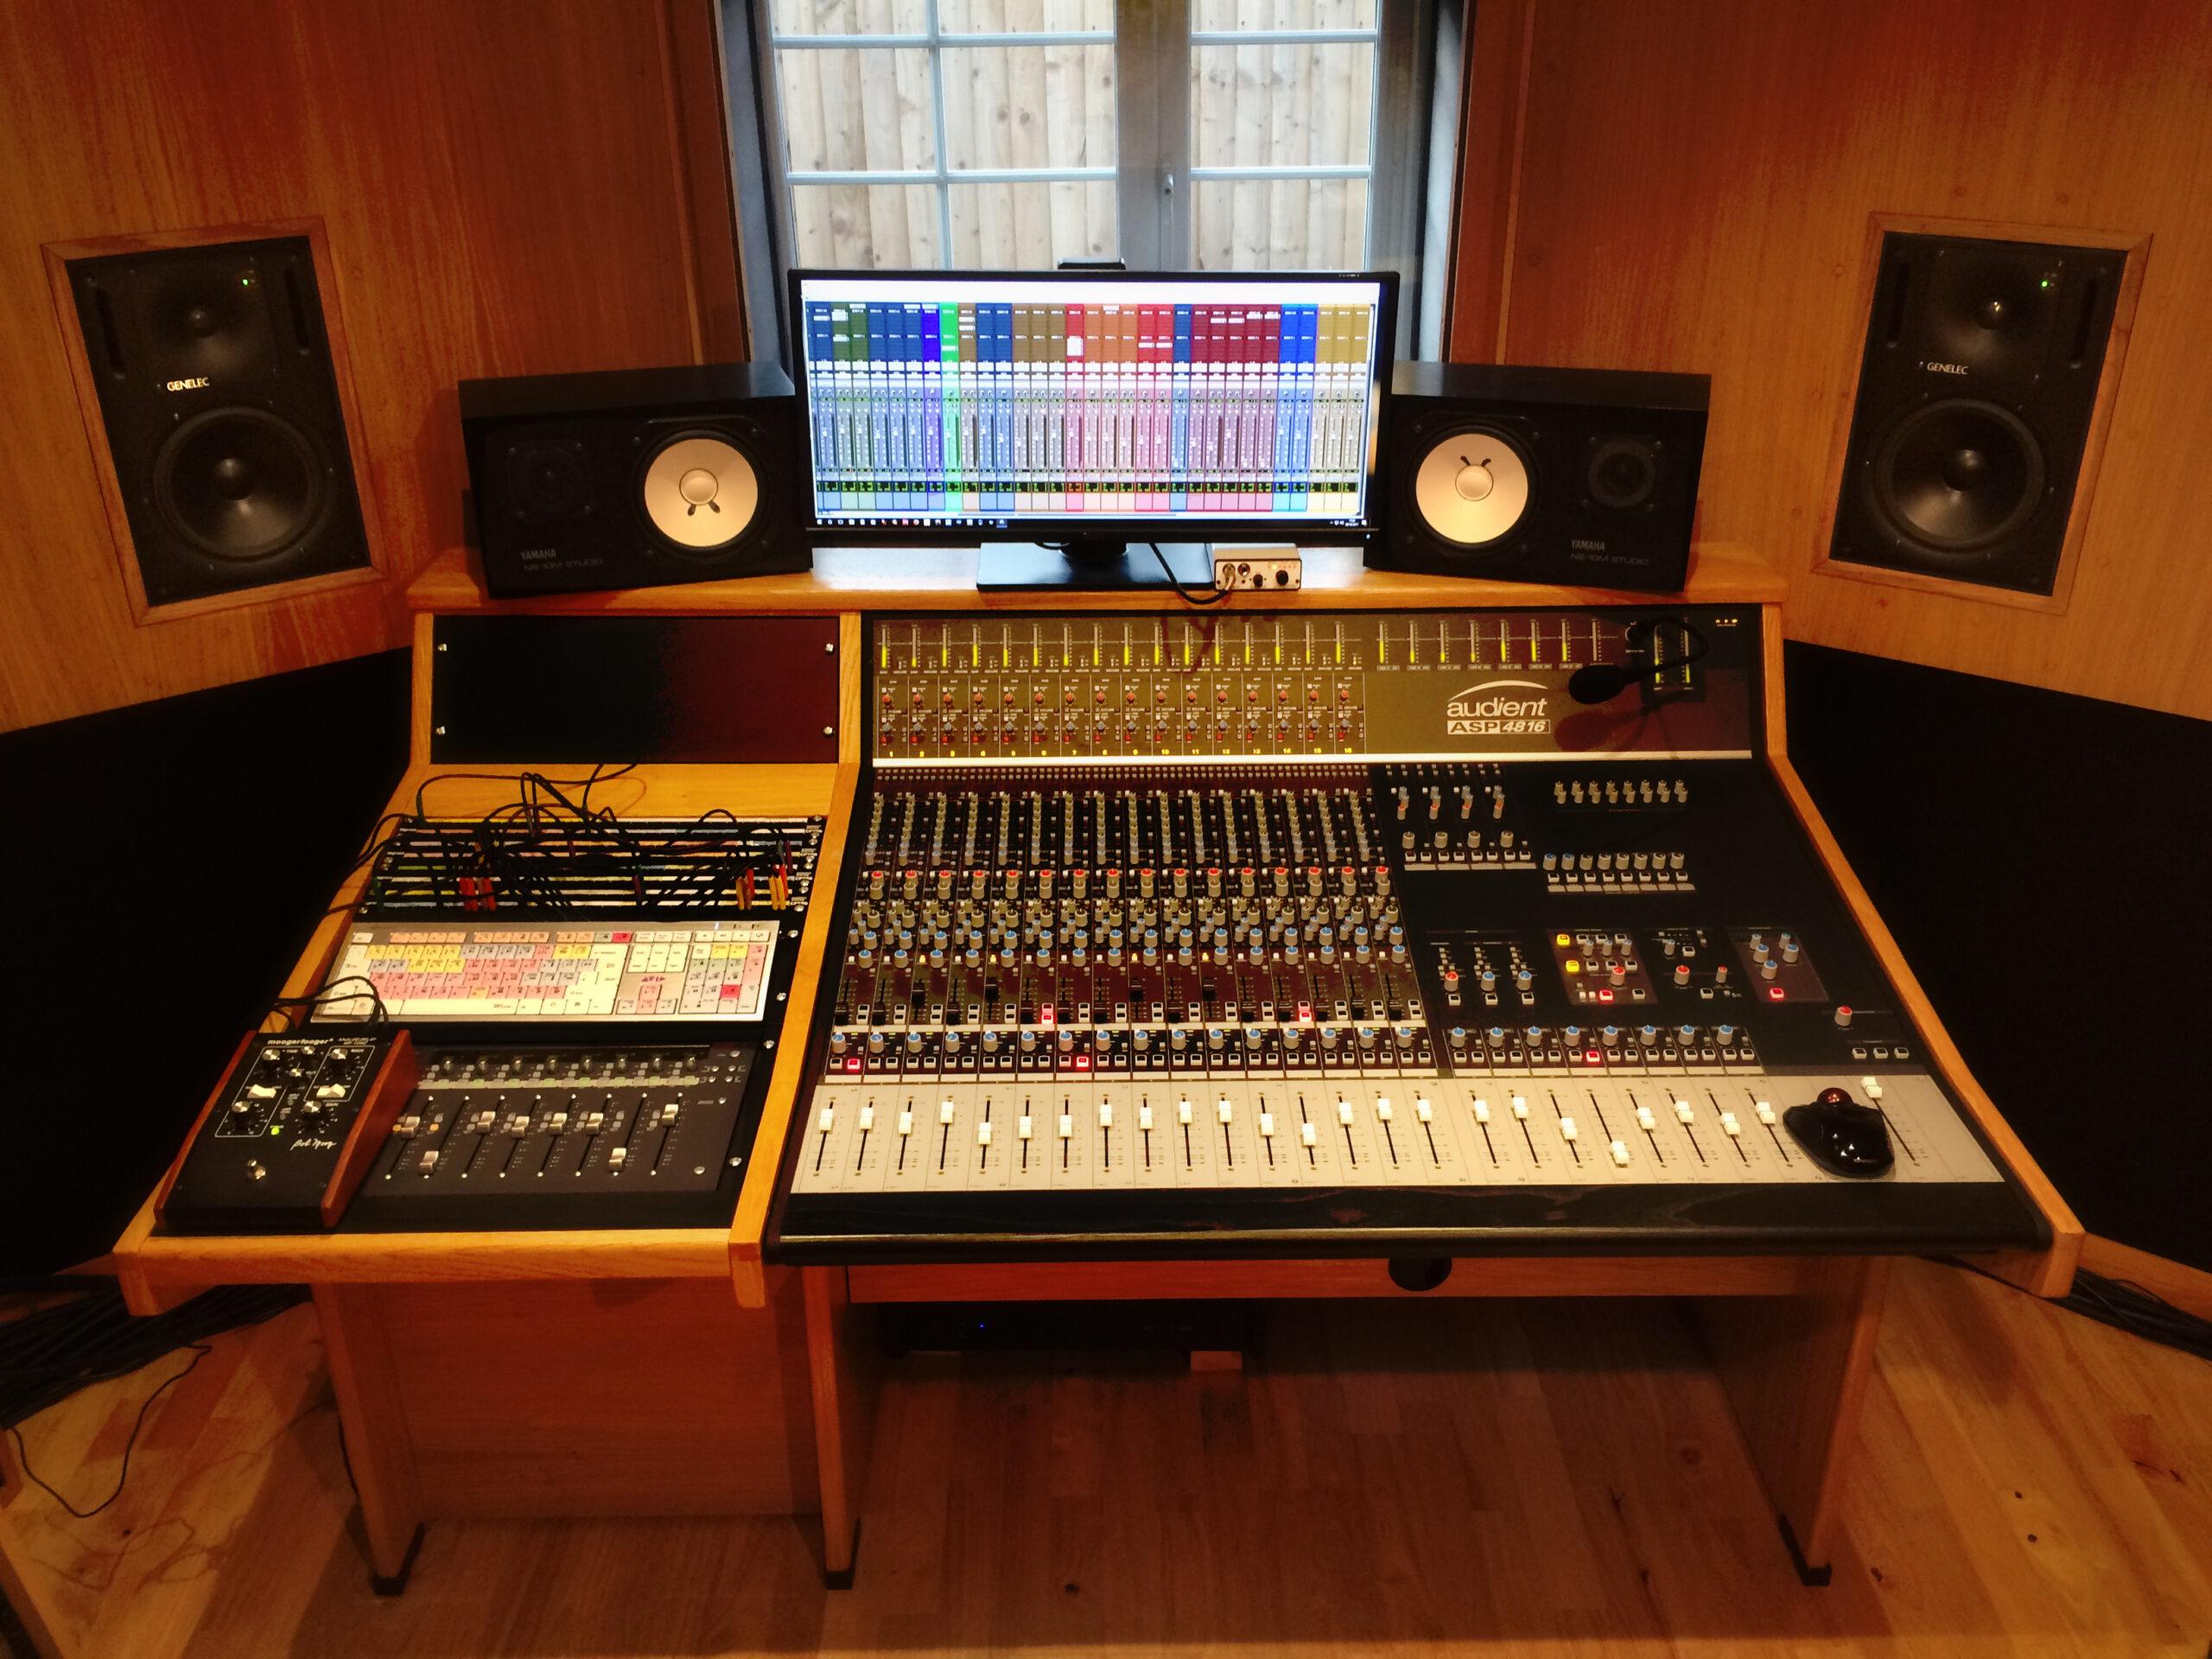 Slipway-Studio_Audient-ASP4816_desk_01